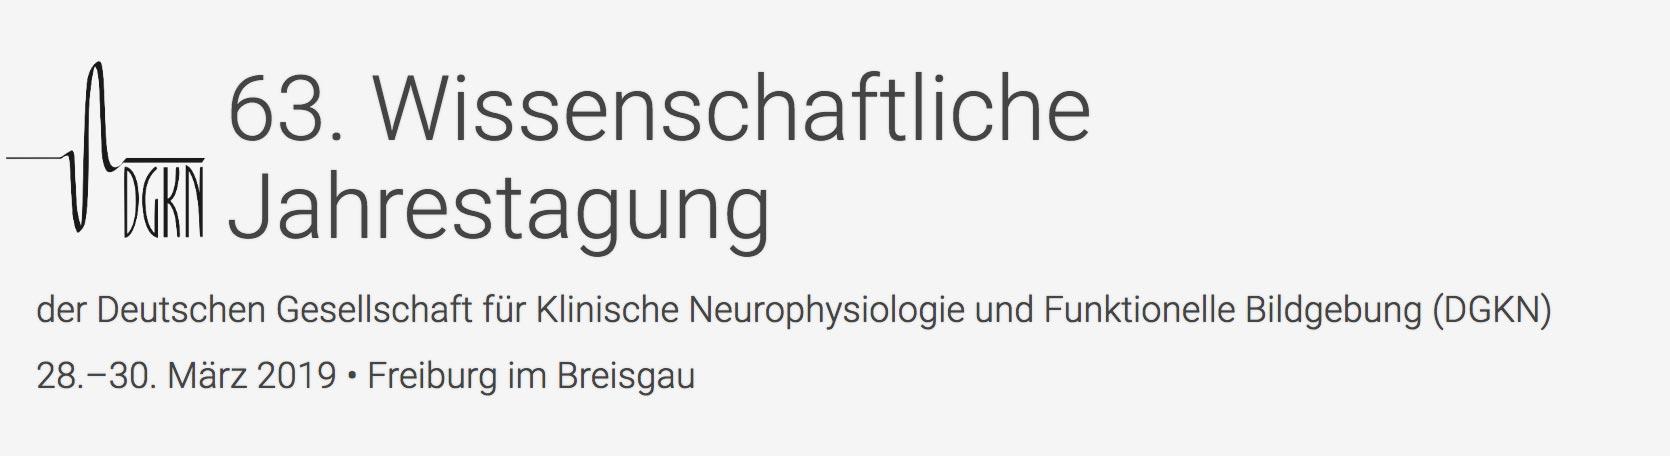 63. Jahrestagung der Dt. Gesellschaft für Klinische Neurophysiologie und funktionelle Bildgebung (DGKN), Freiburg (D)